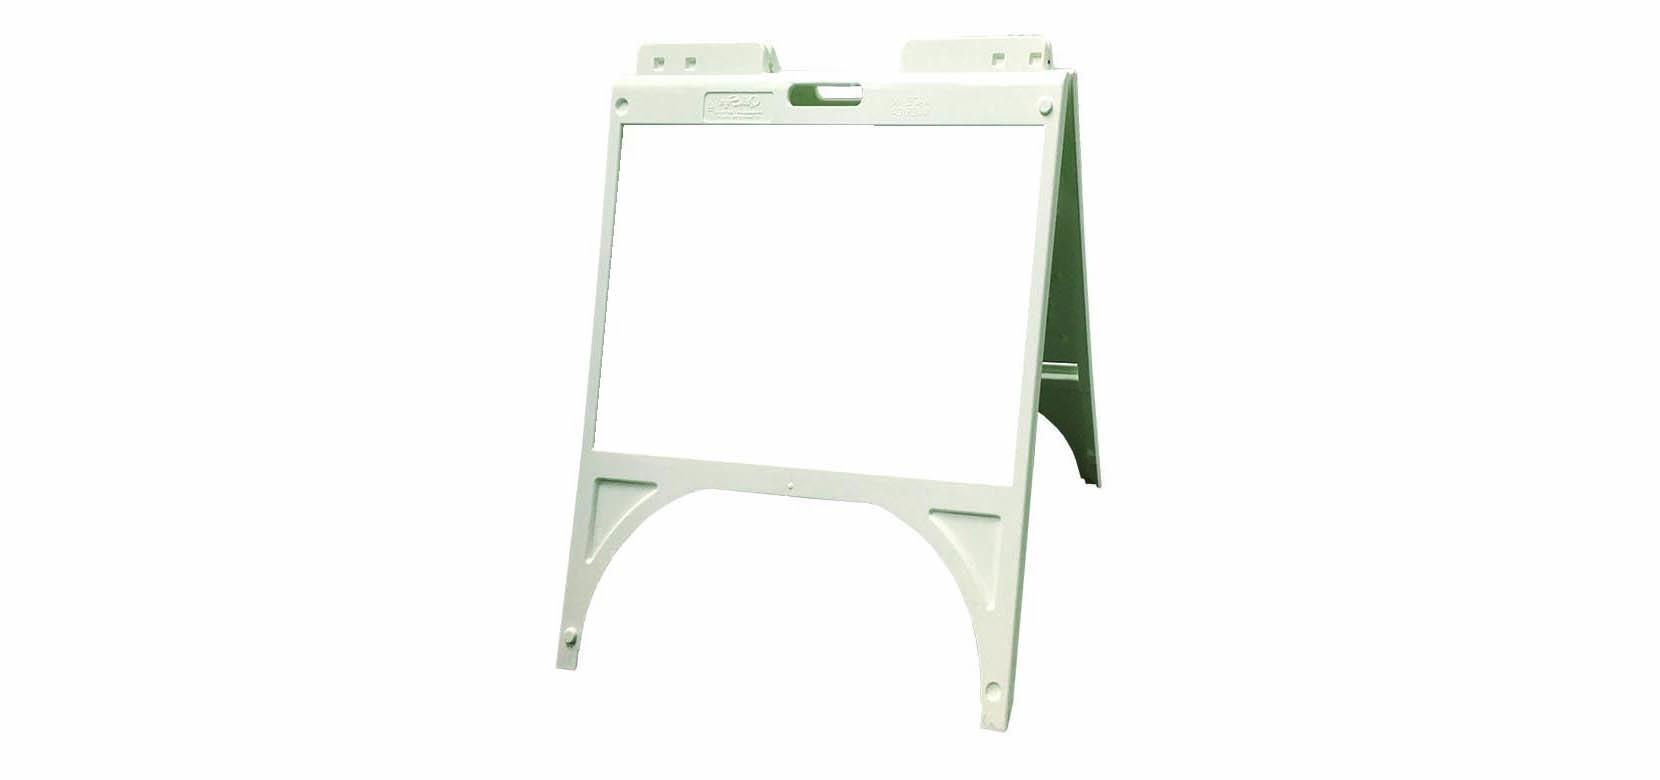 a frame sign white